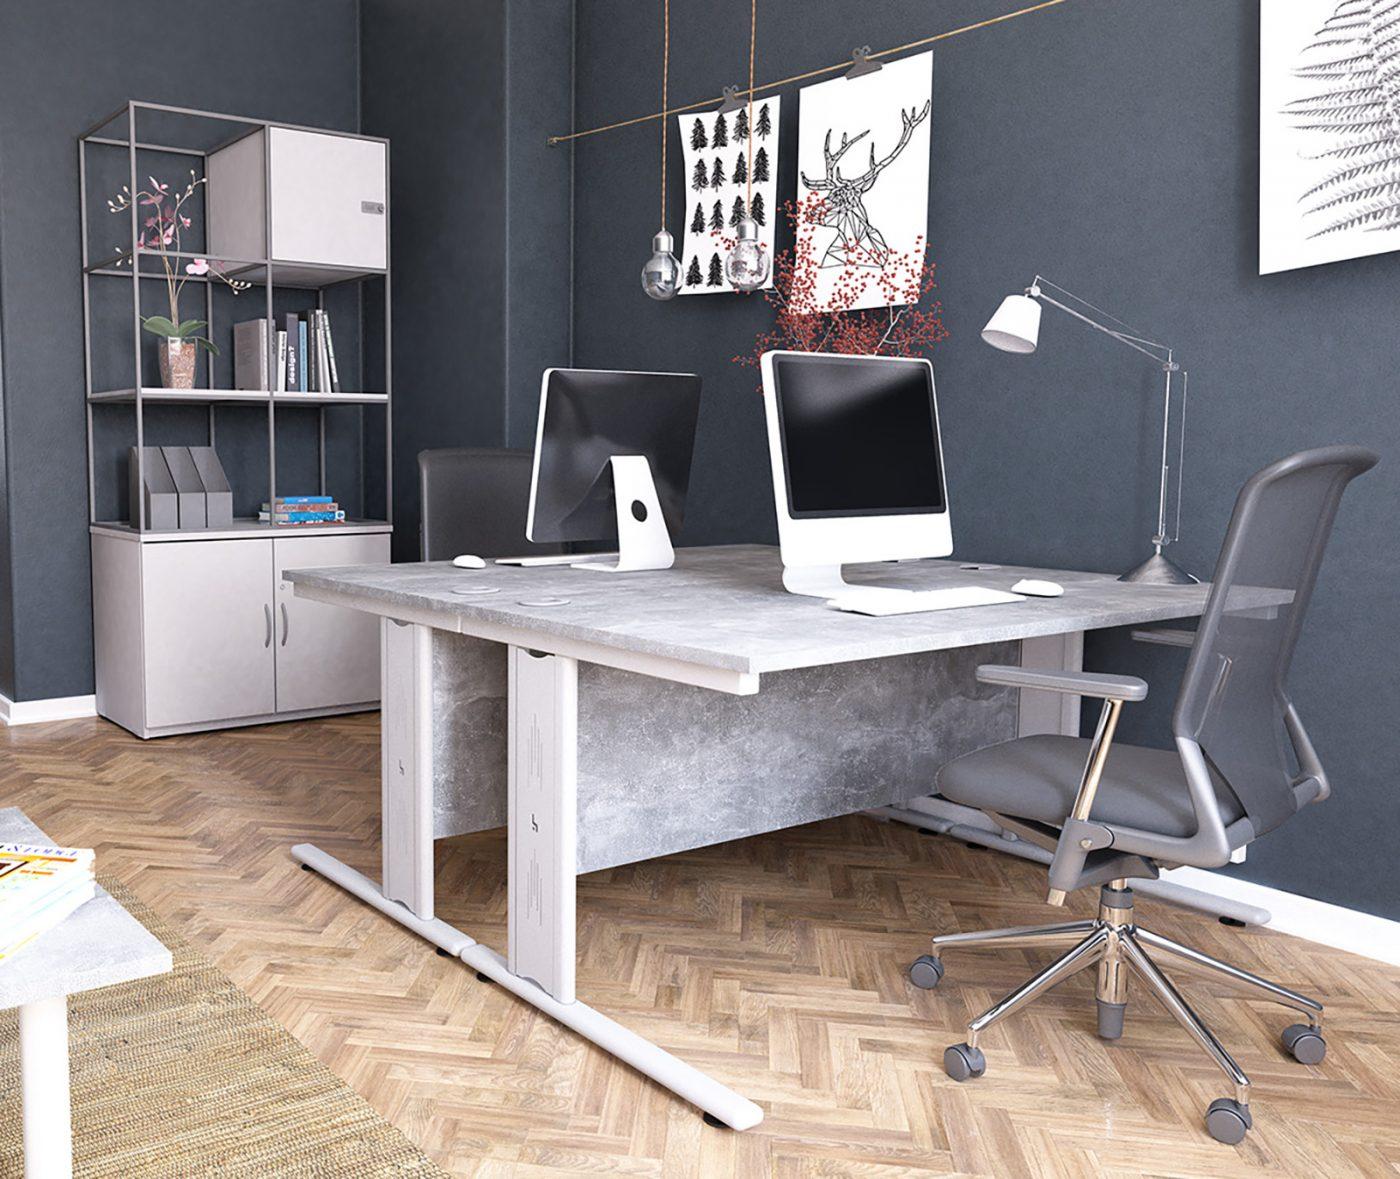 wire managed desk, cable management, rectangular desk, cantilever leg, concrete top, silver leg